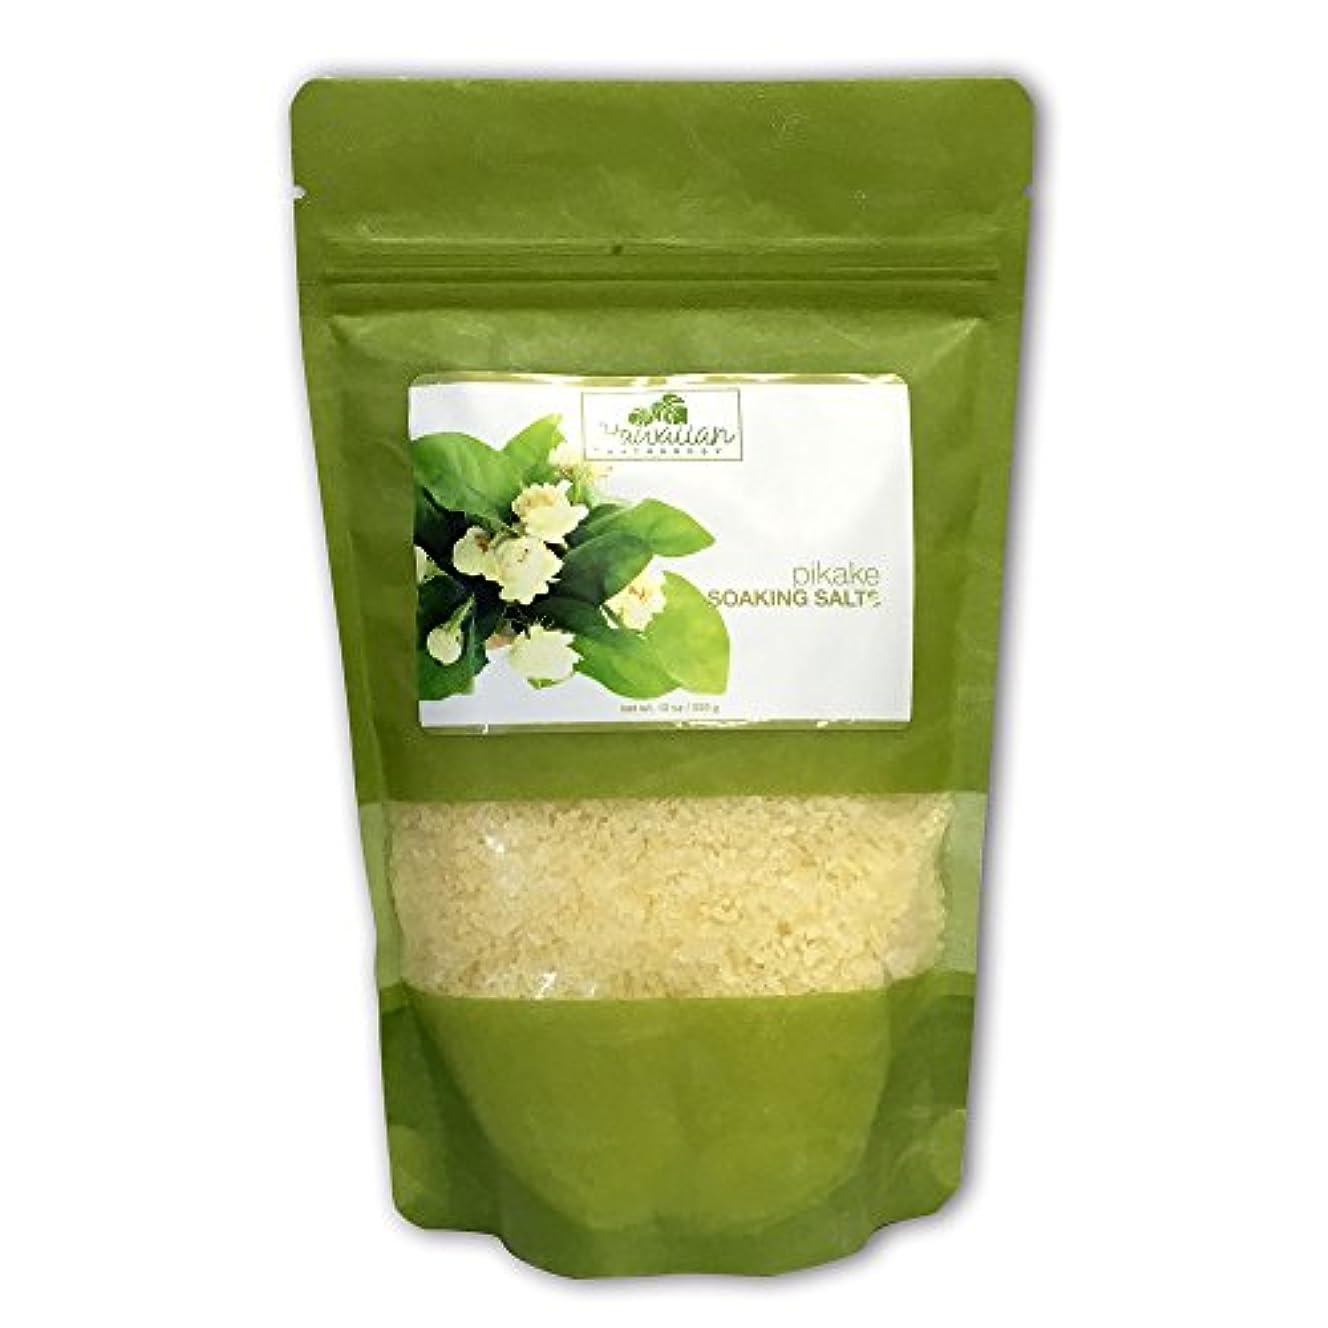 ハワイアンバス&ボディ ハワイアン?ピカケバスソルト ( Pikake Bath Salt )